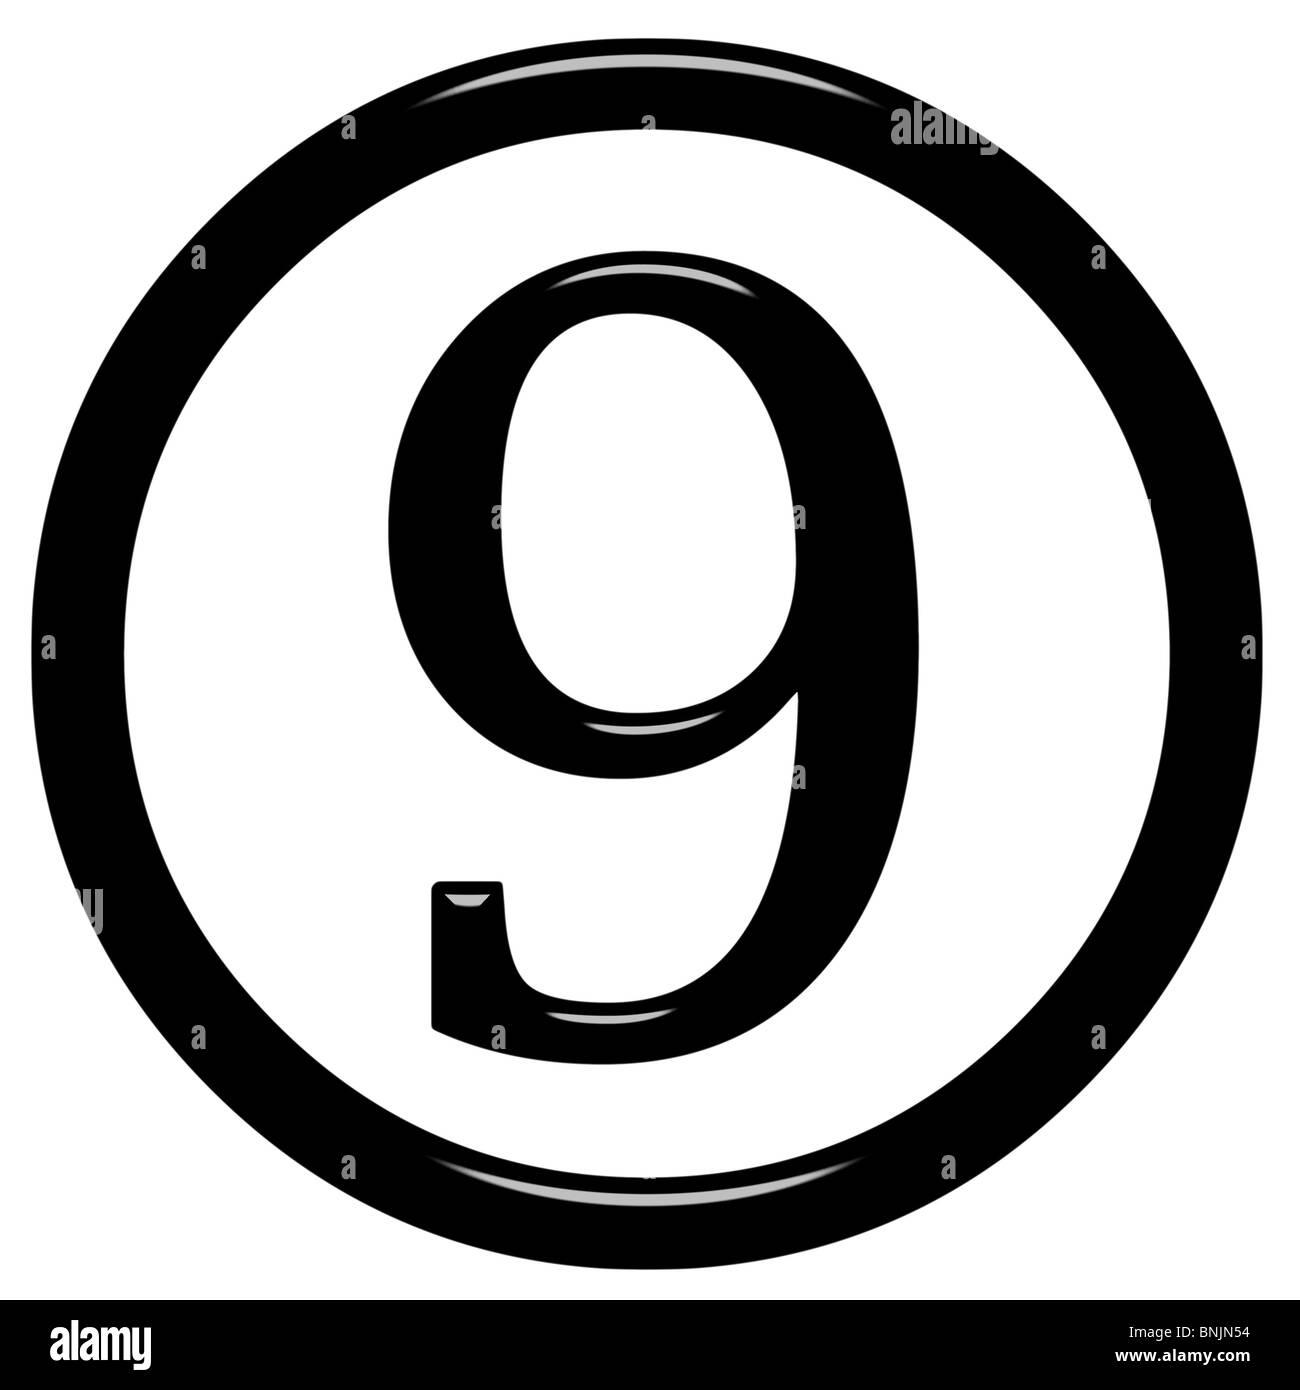 3d framed number 9 - Stock Image